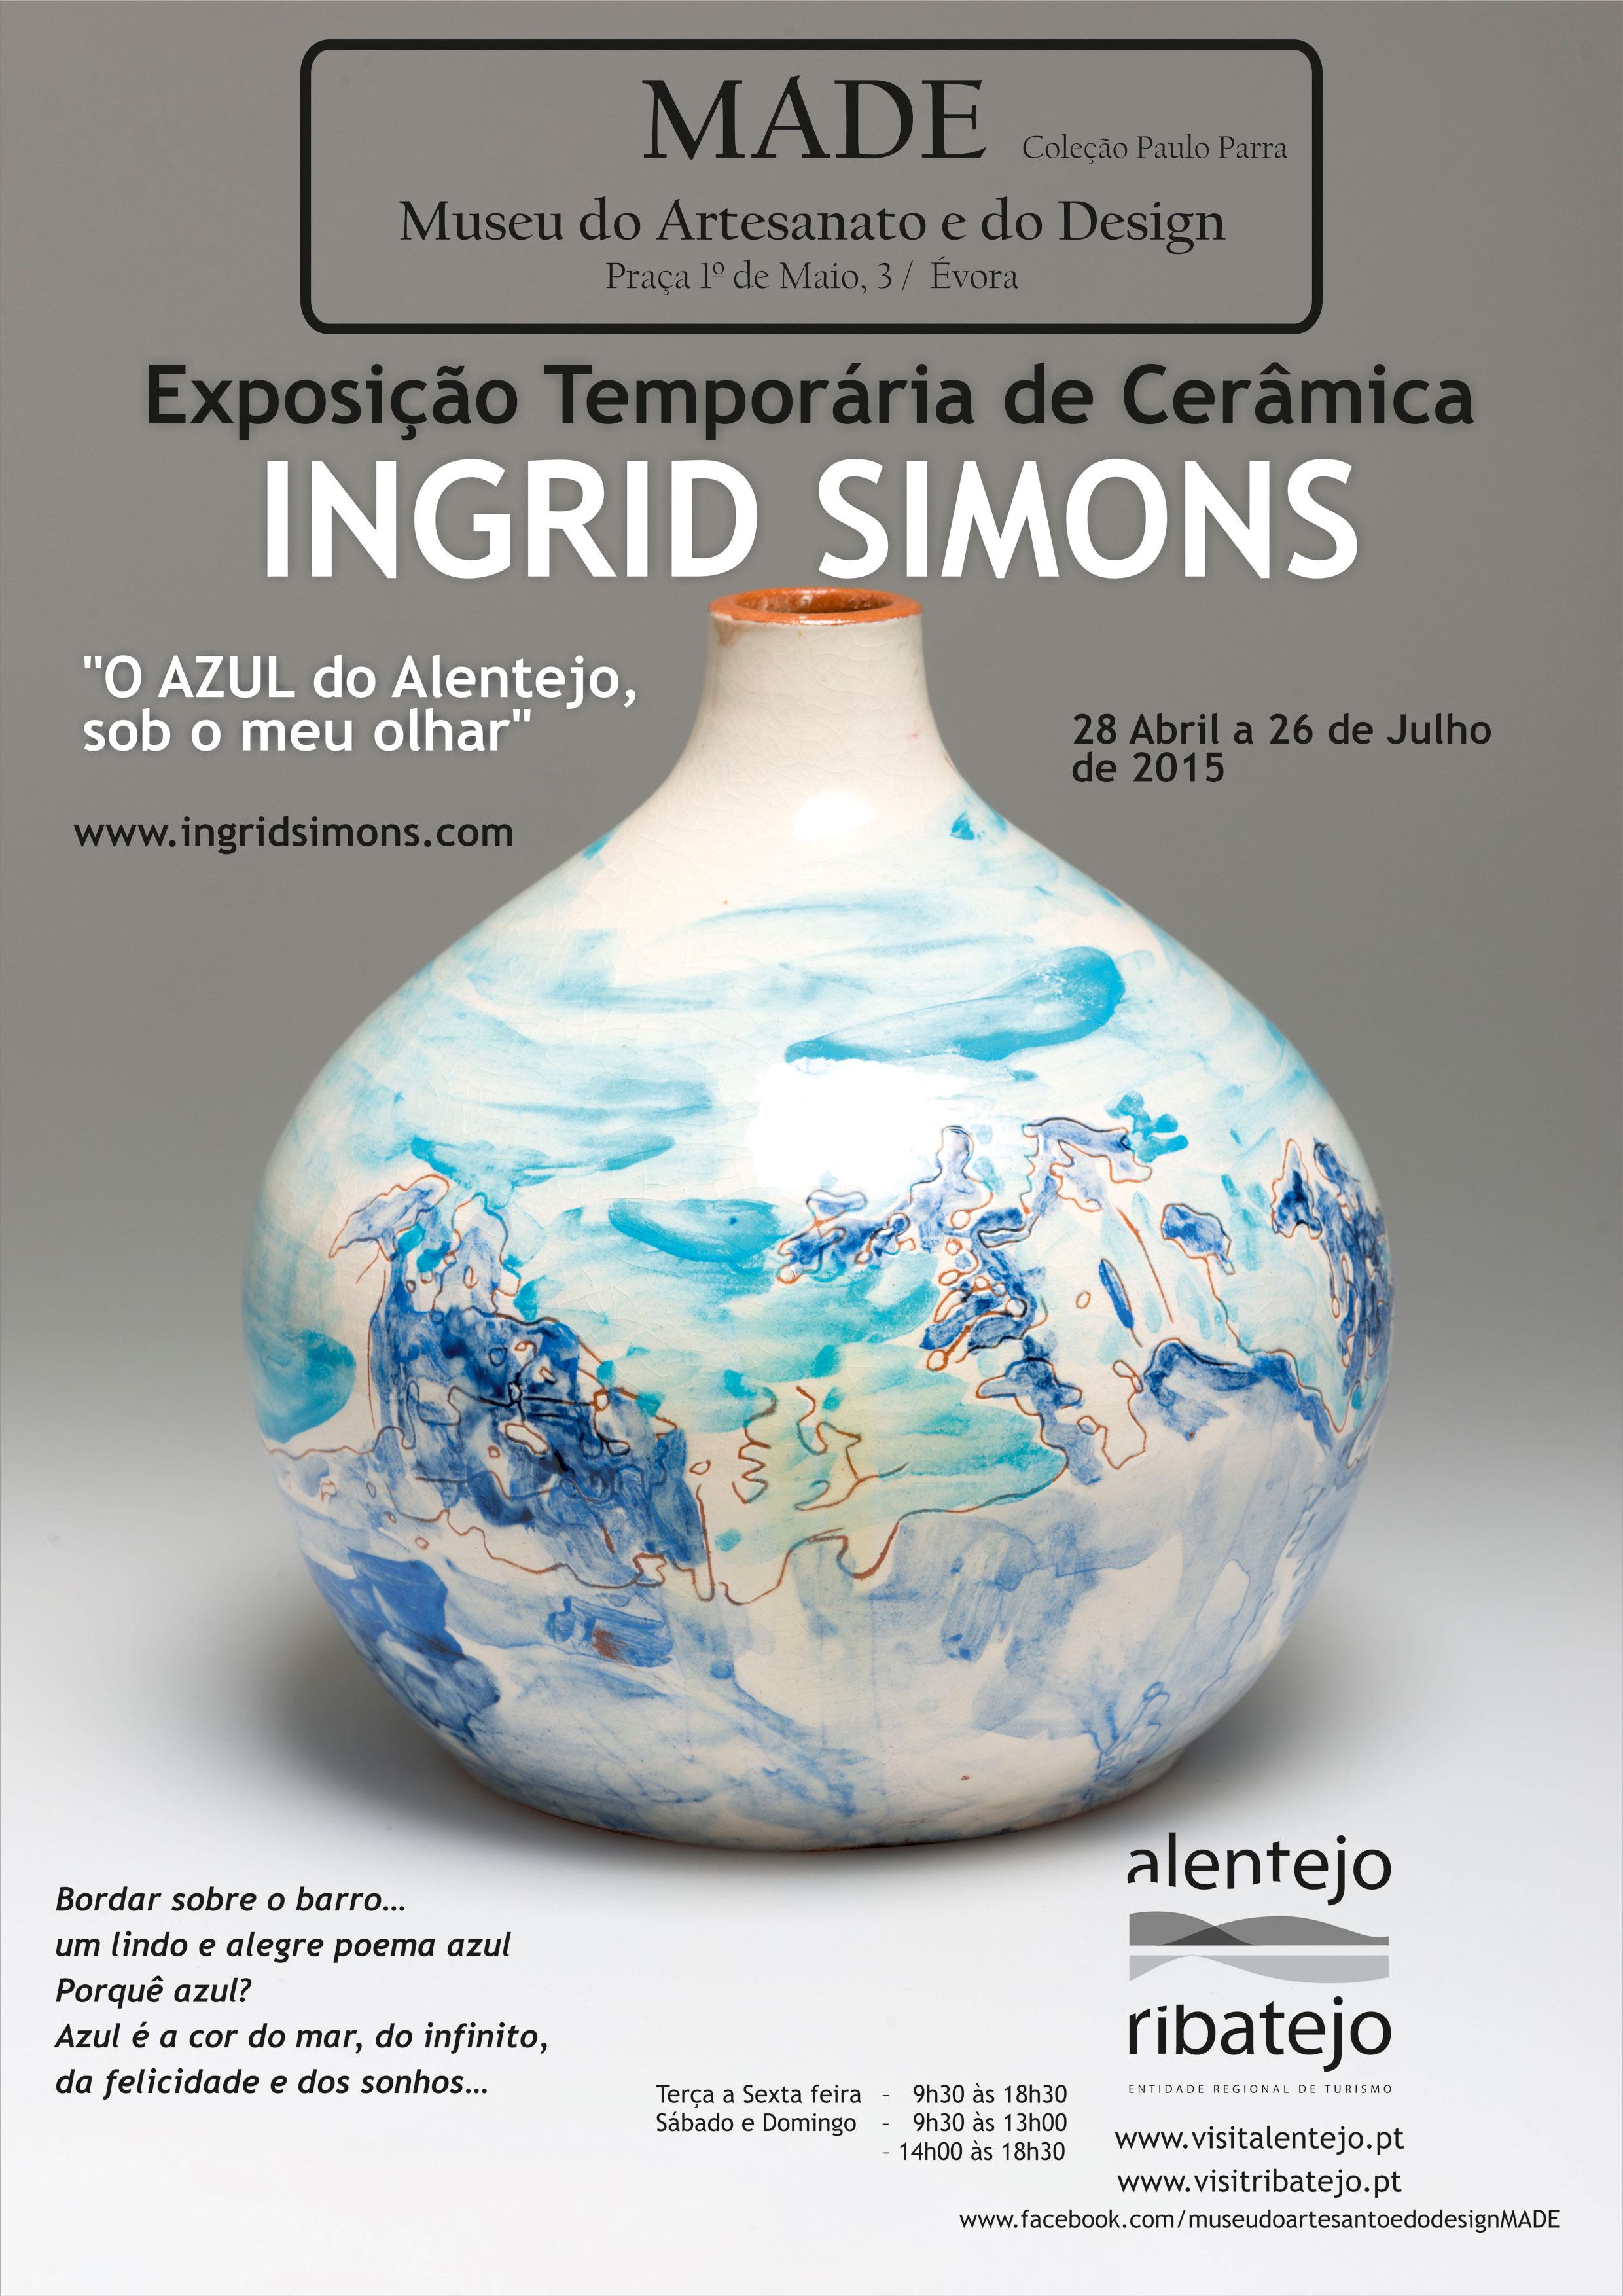 Solo exhibition O azul do Alentejo sob o meu olhar, Museu do Artesanato e do Design, Ėvora (Portugal, 2015)